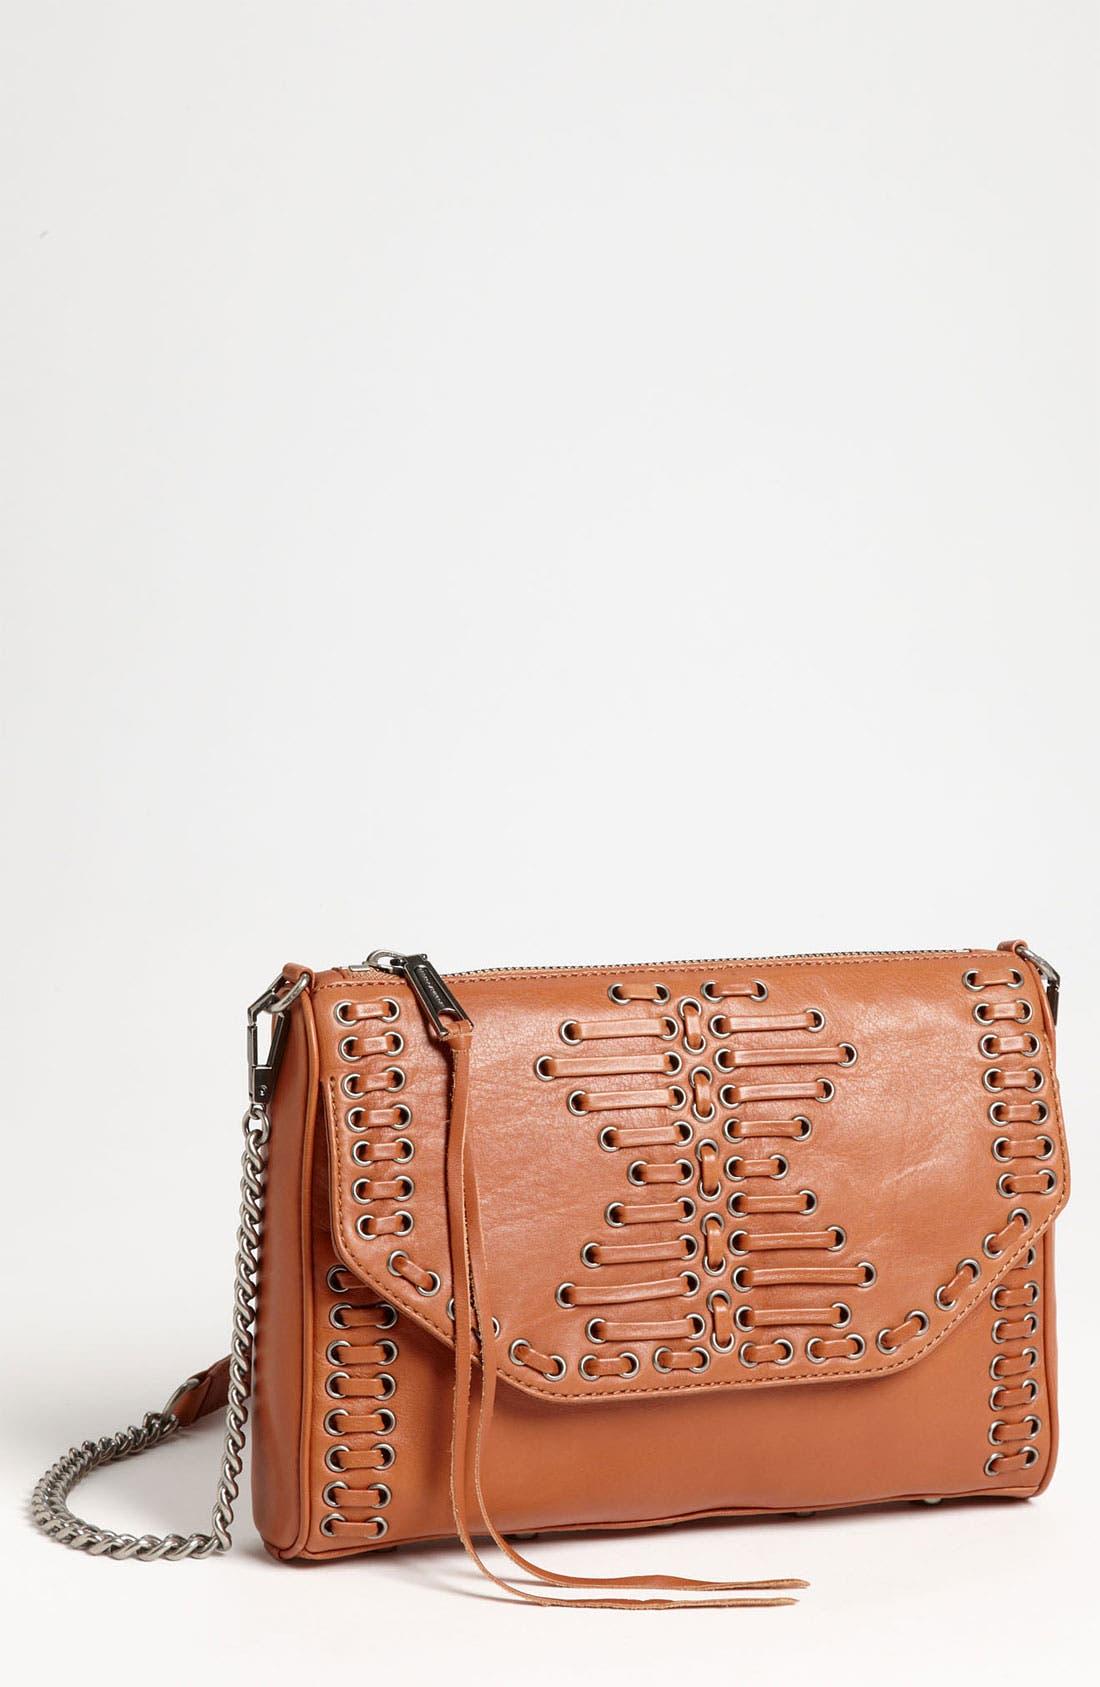 Main Image - Rebecca Minkoff Stitched Shoulder Bag